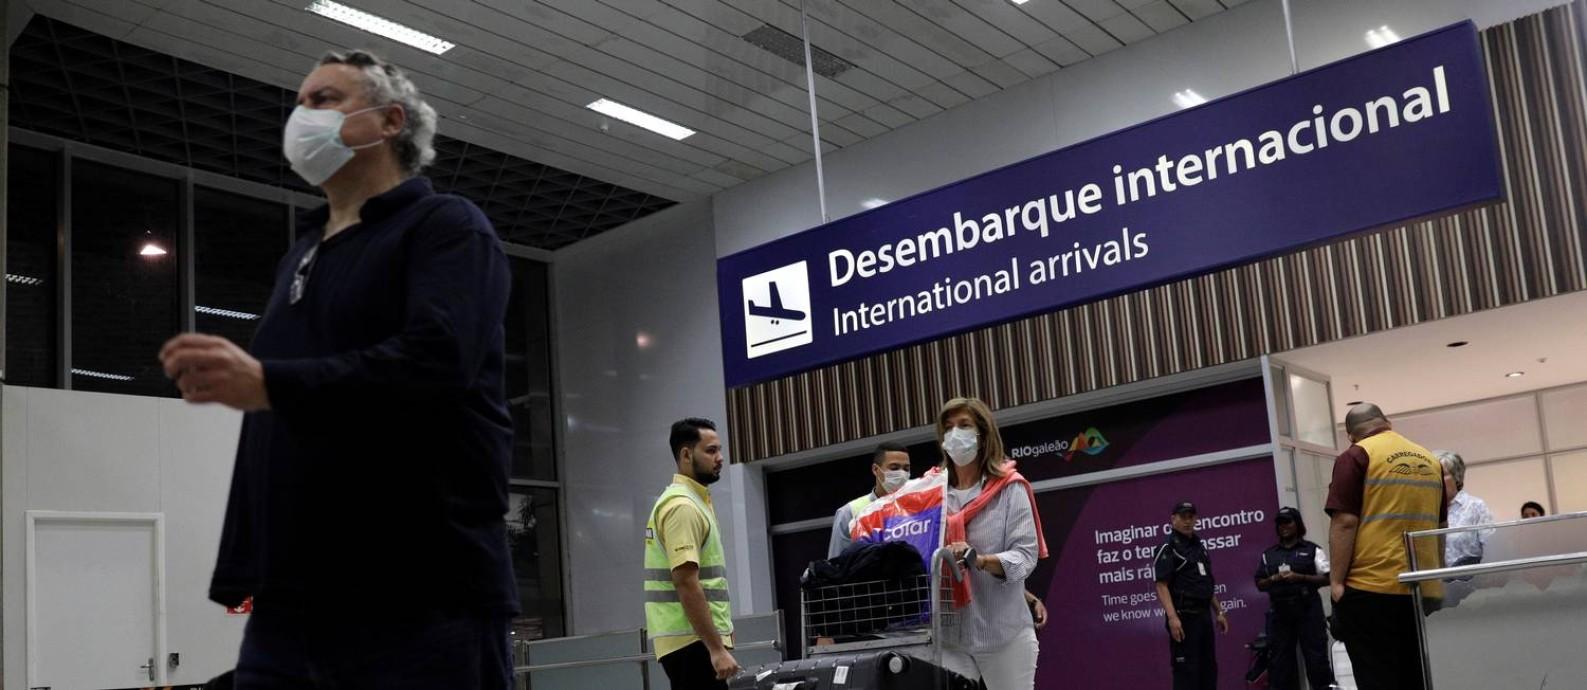 Passageiros desembarcam no Aeroporto Internacional do Galeão, no Rio, usando máscaras. Temor do coronavírus provocou queda brusca nas viagens de avião Foto: Ricardo Moraes / Reuters